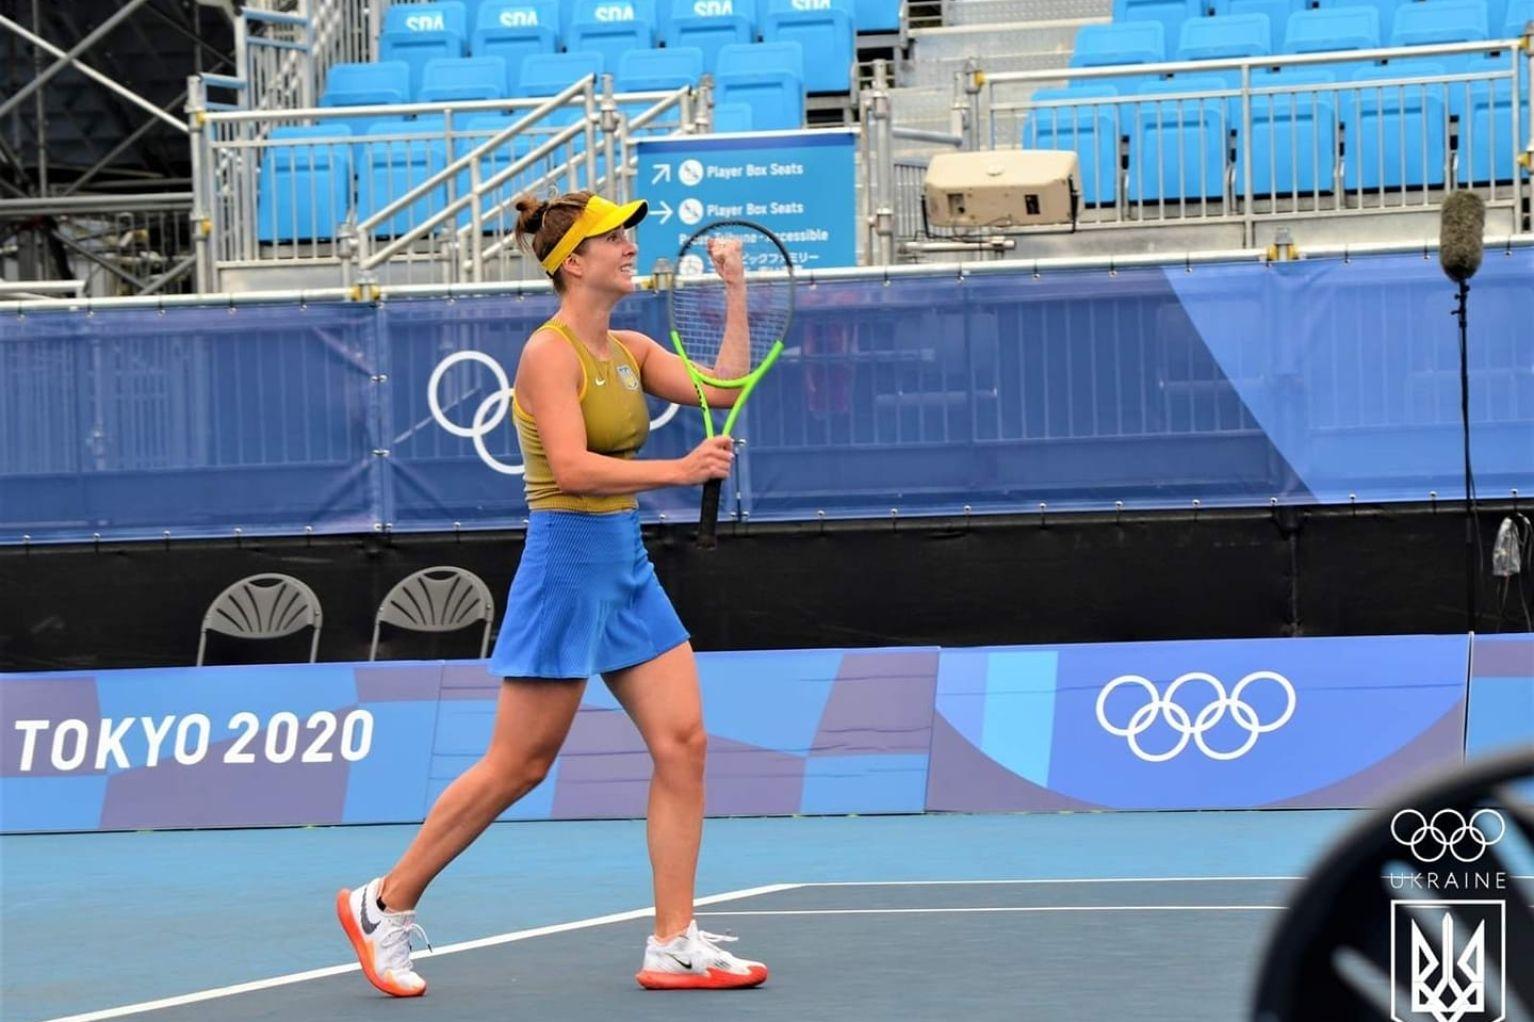 """Украинская теннисистка Свитолина сегодня может """"взять бронзу"""" и войти в историю"""